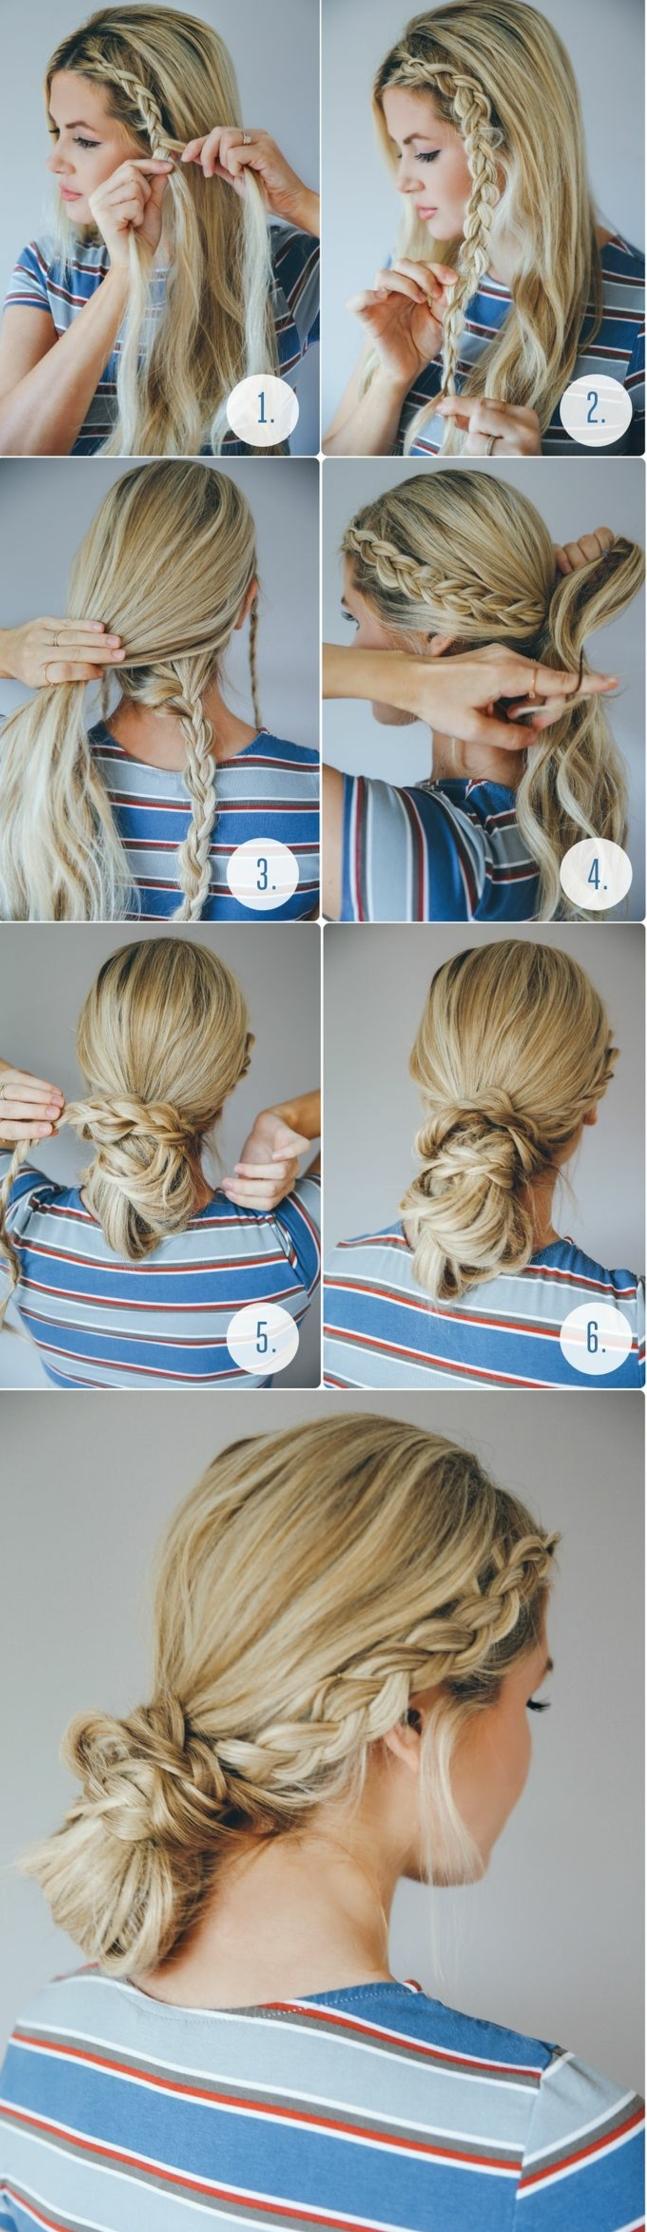 pasos para hacer un bonito moño bajo con trenzas con flequillo, tutoriales de peinados elegantes y fáciles